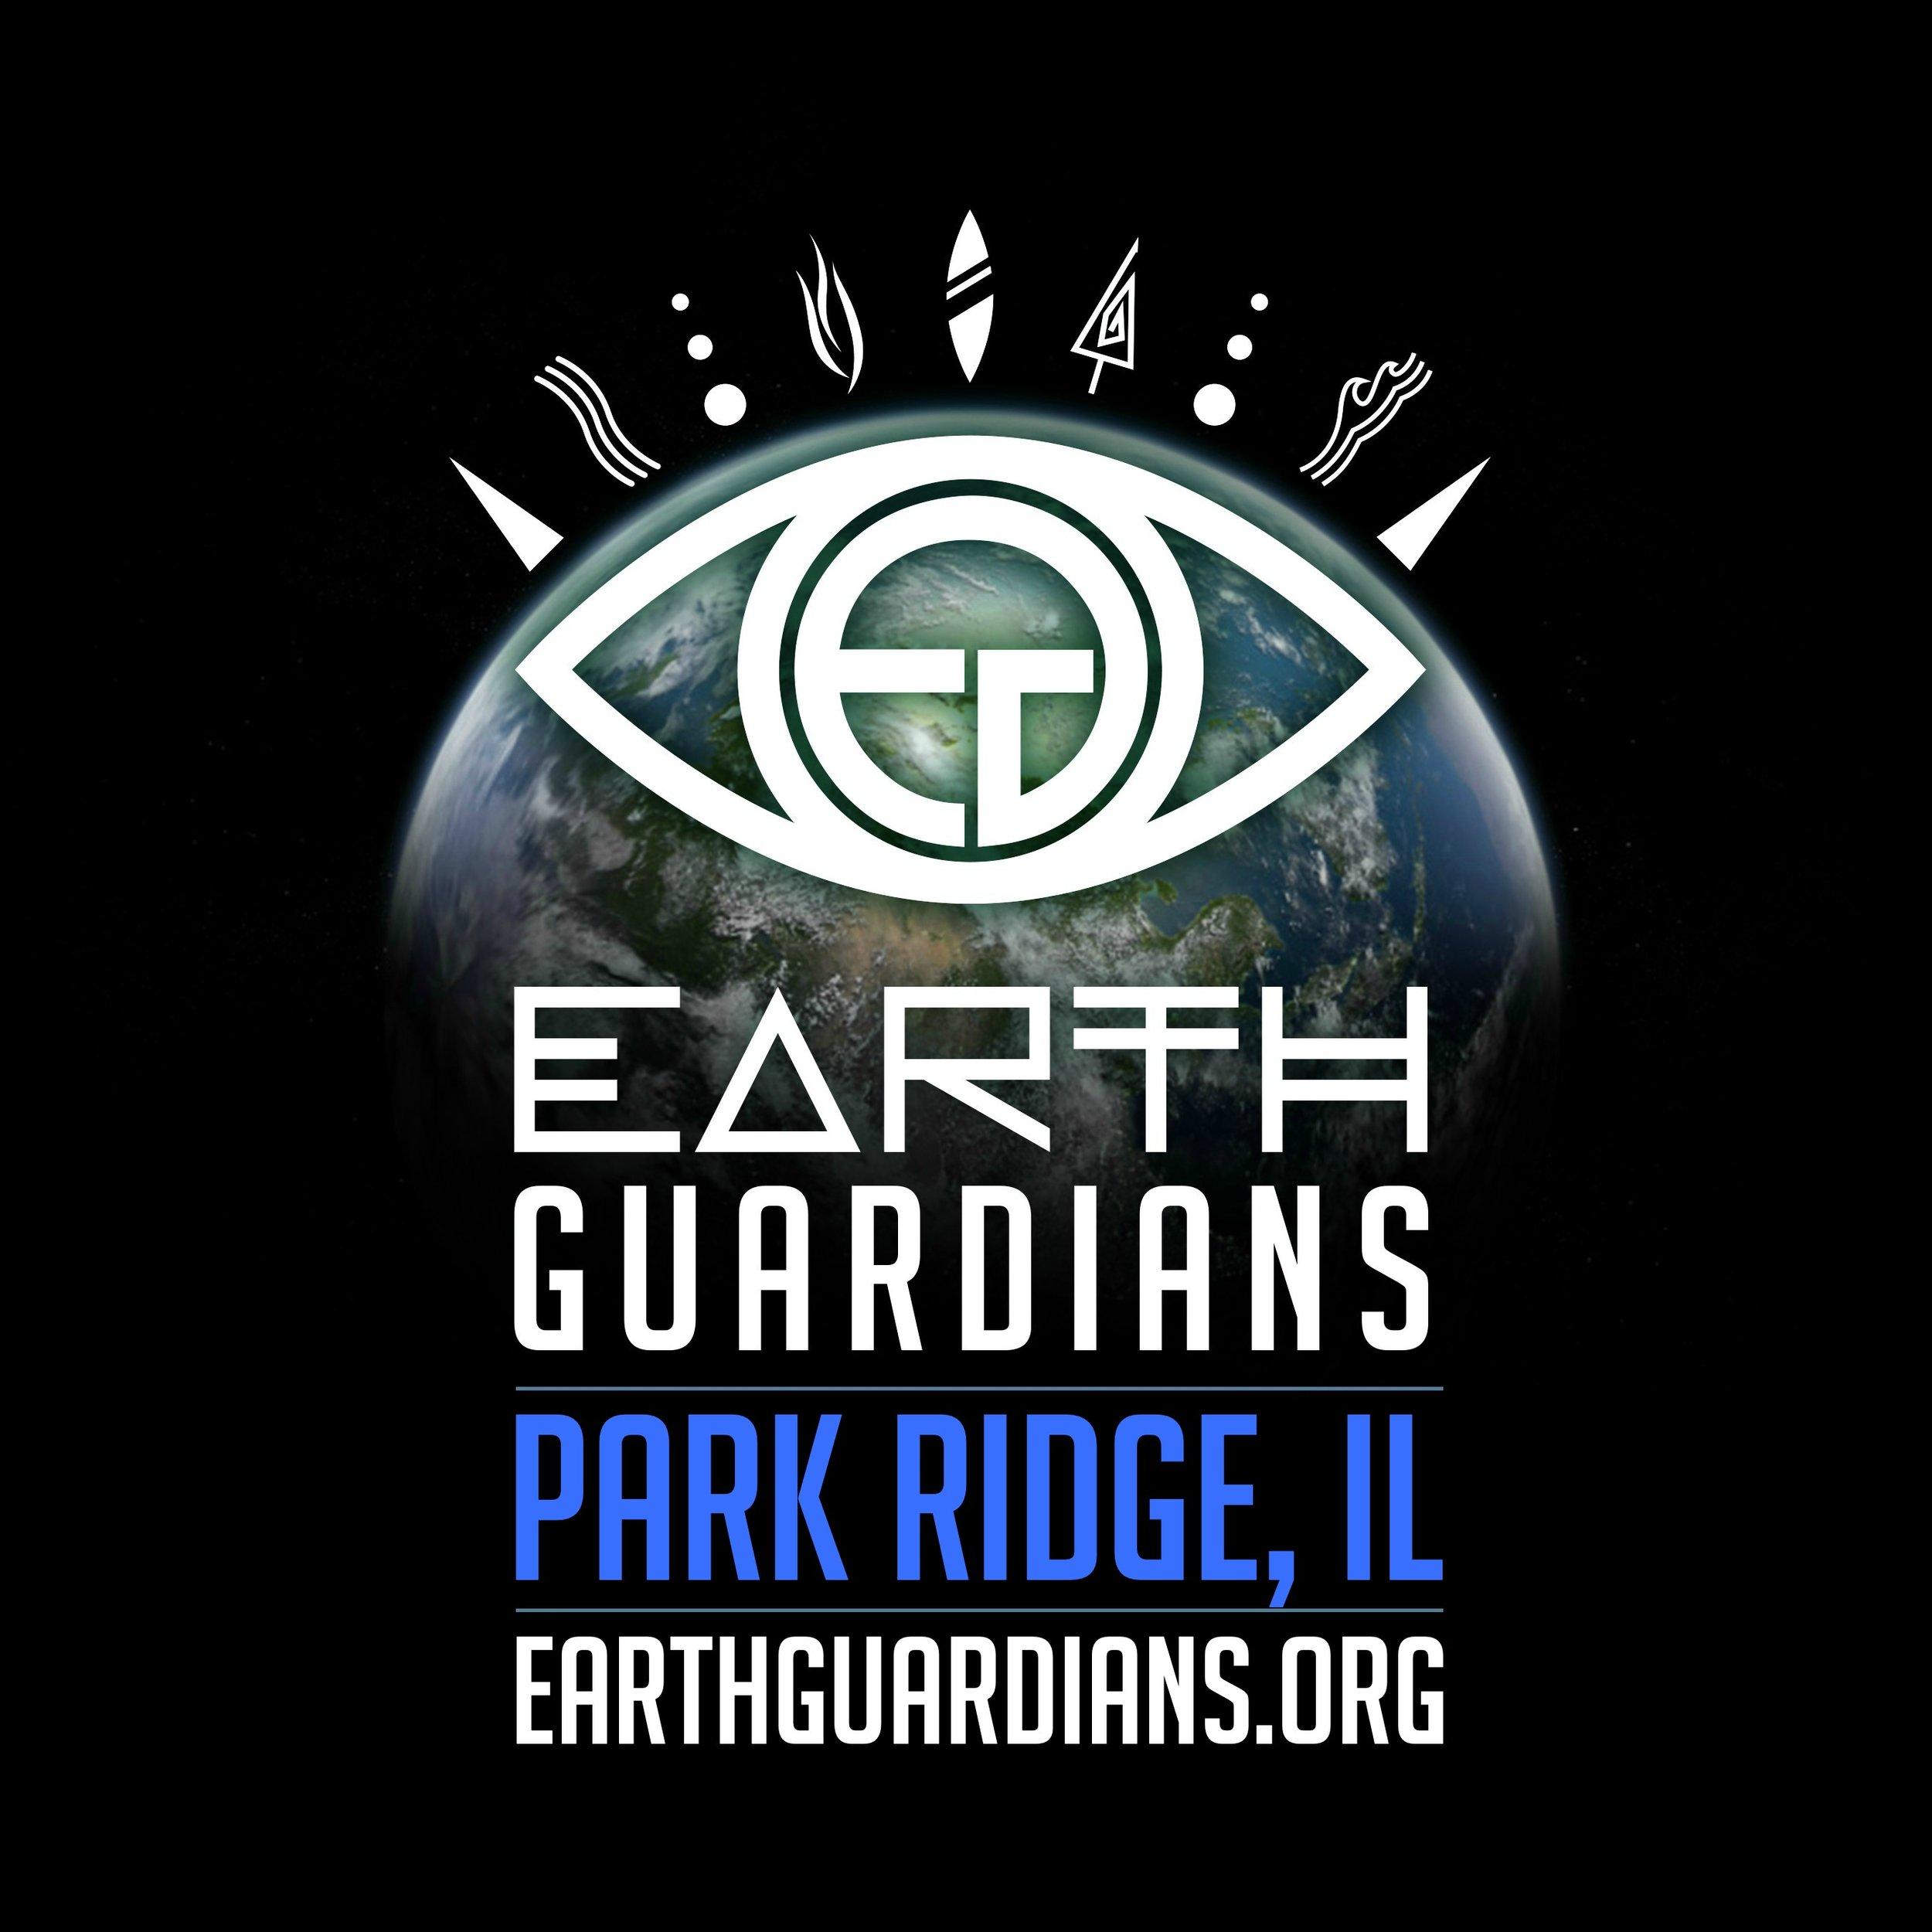 EG_crew PARK RIDGE.jpg